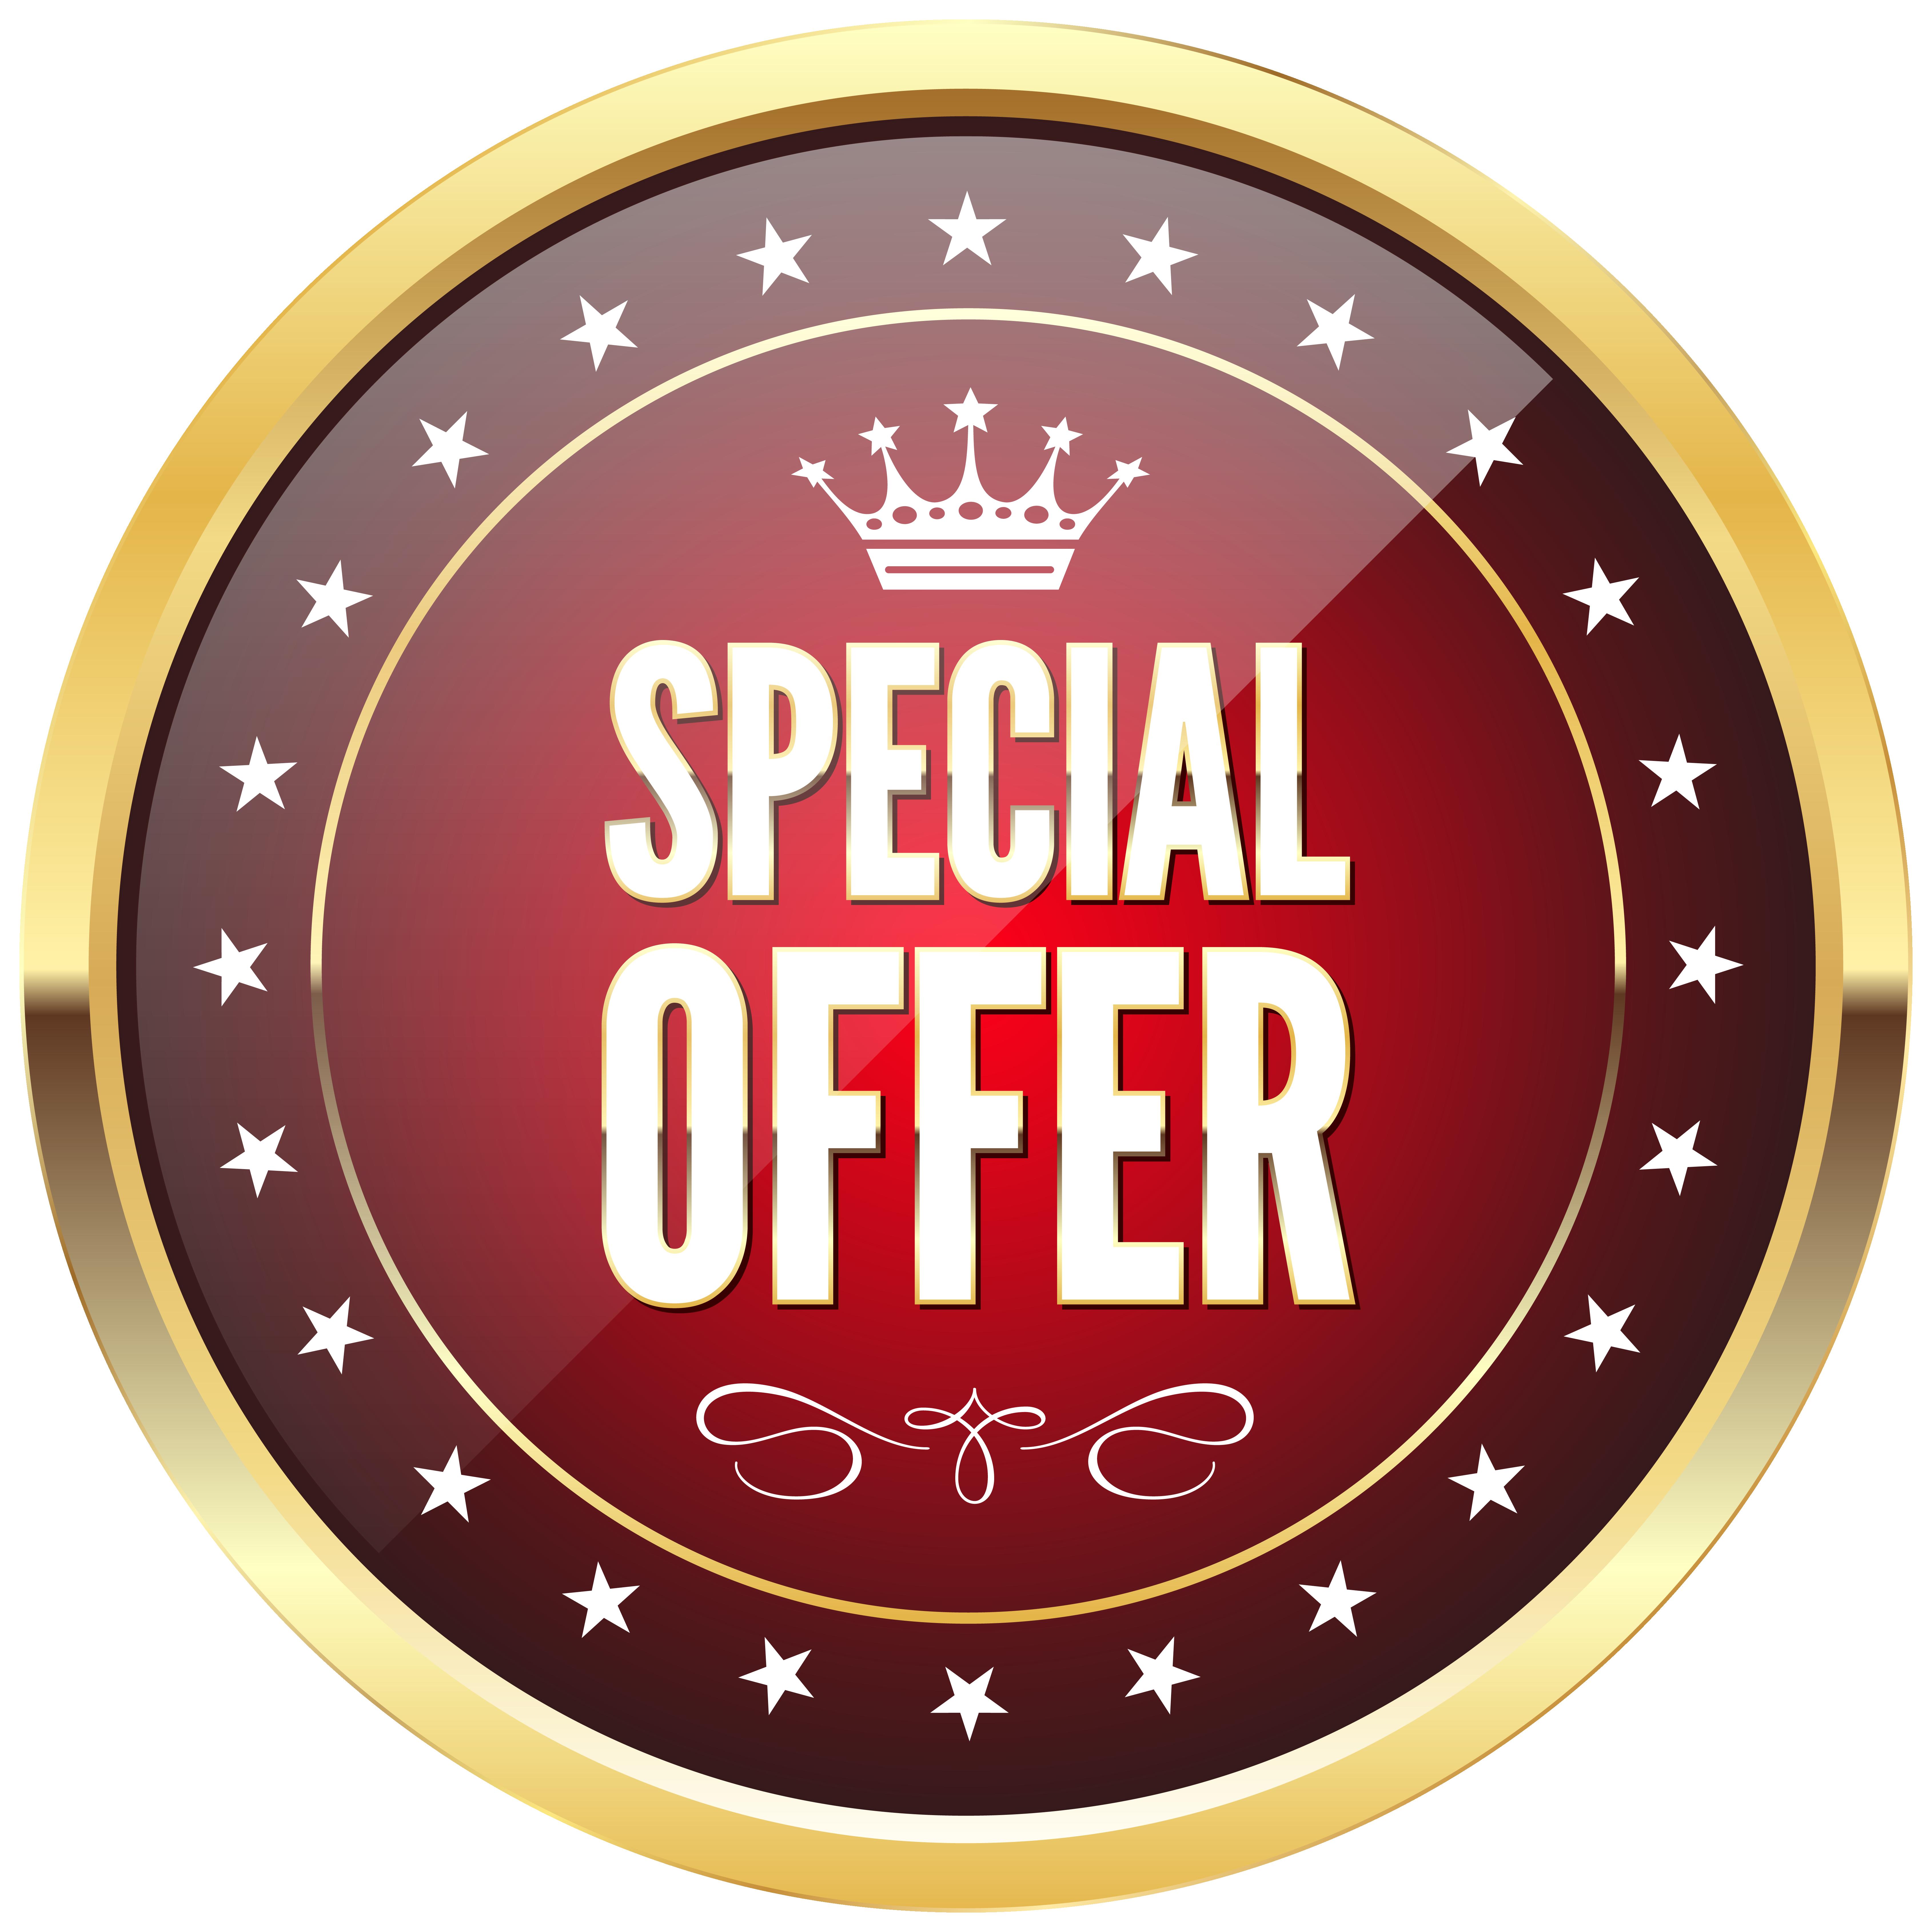 Special Offer Badge Transparent PNG Clip Art Image.